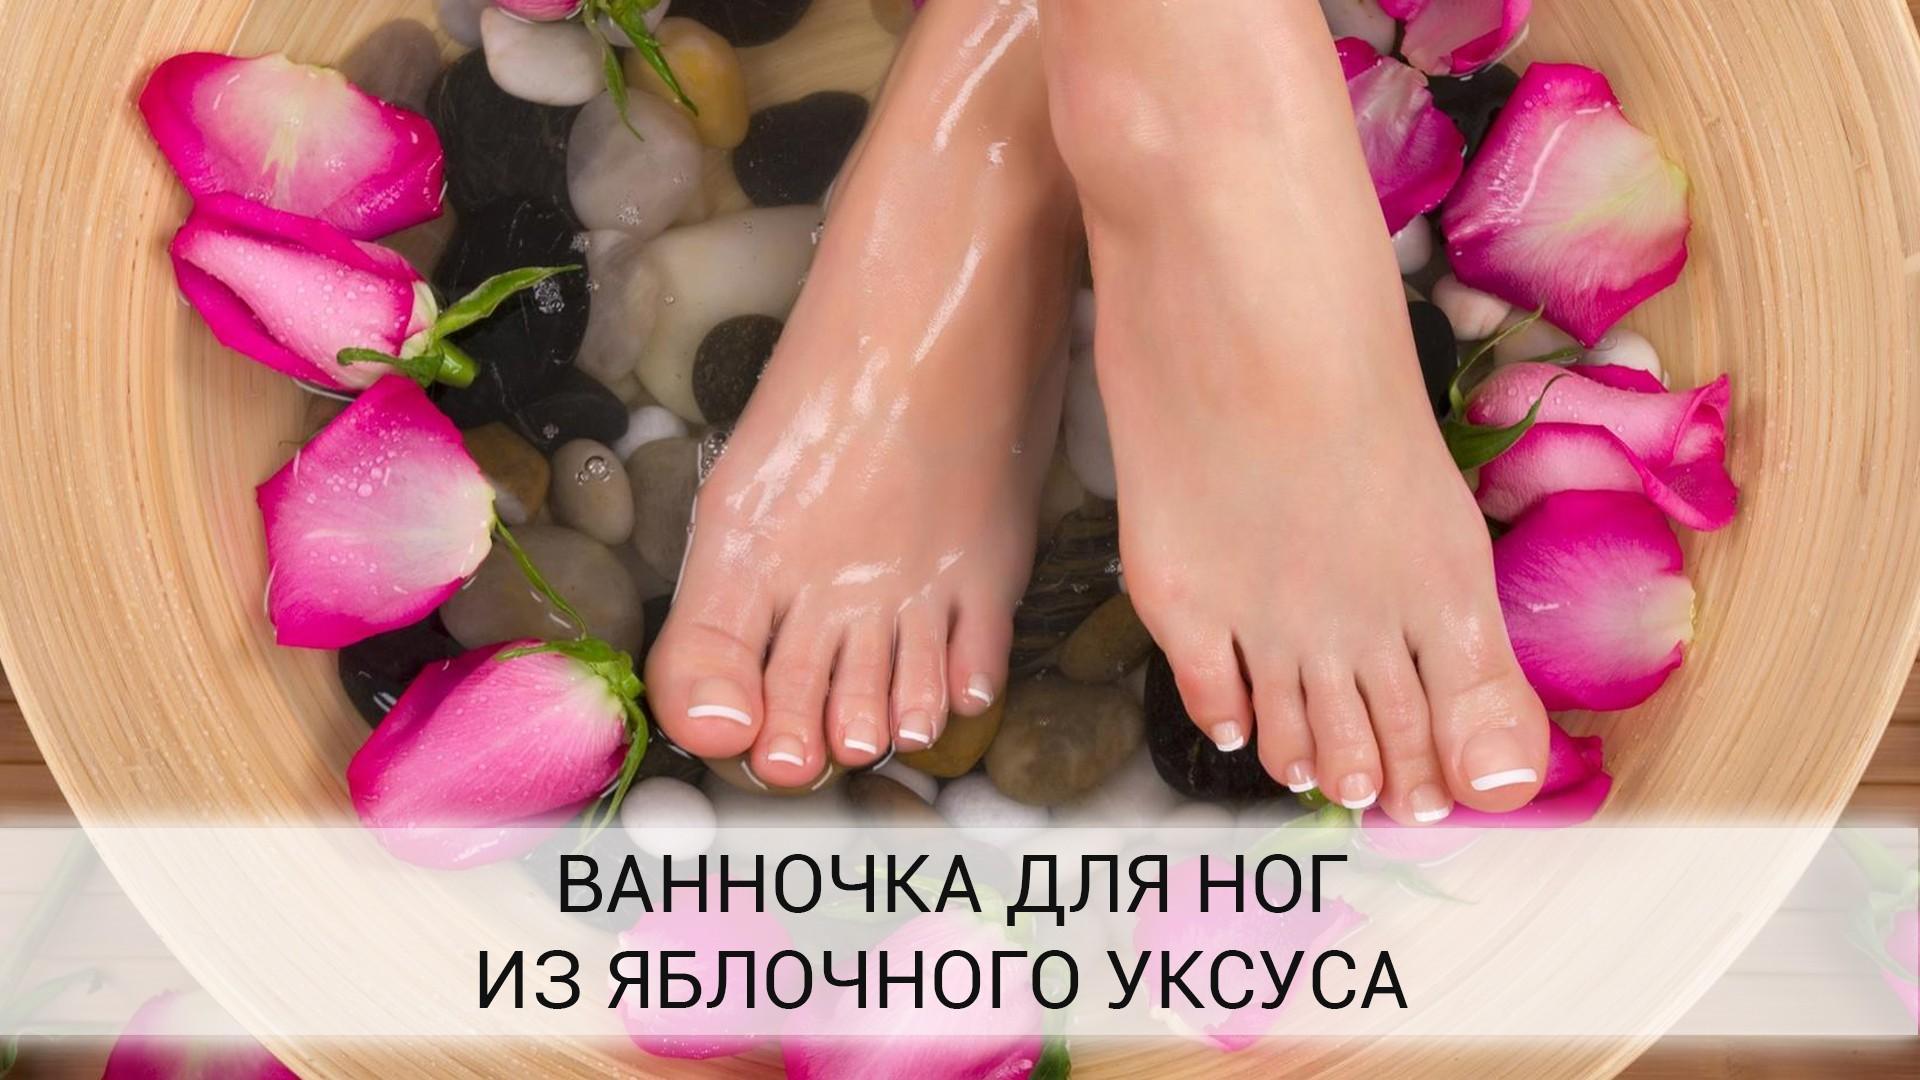 Ванночка-для-ног-из-яблочного-уксуса